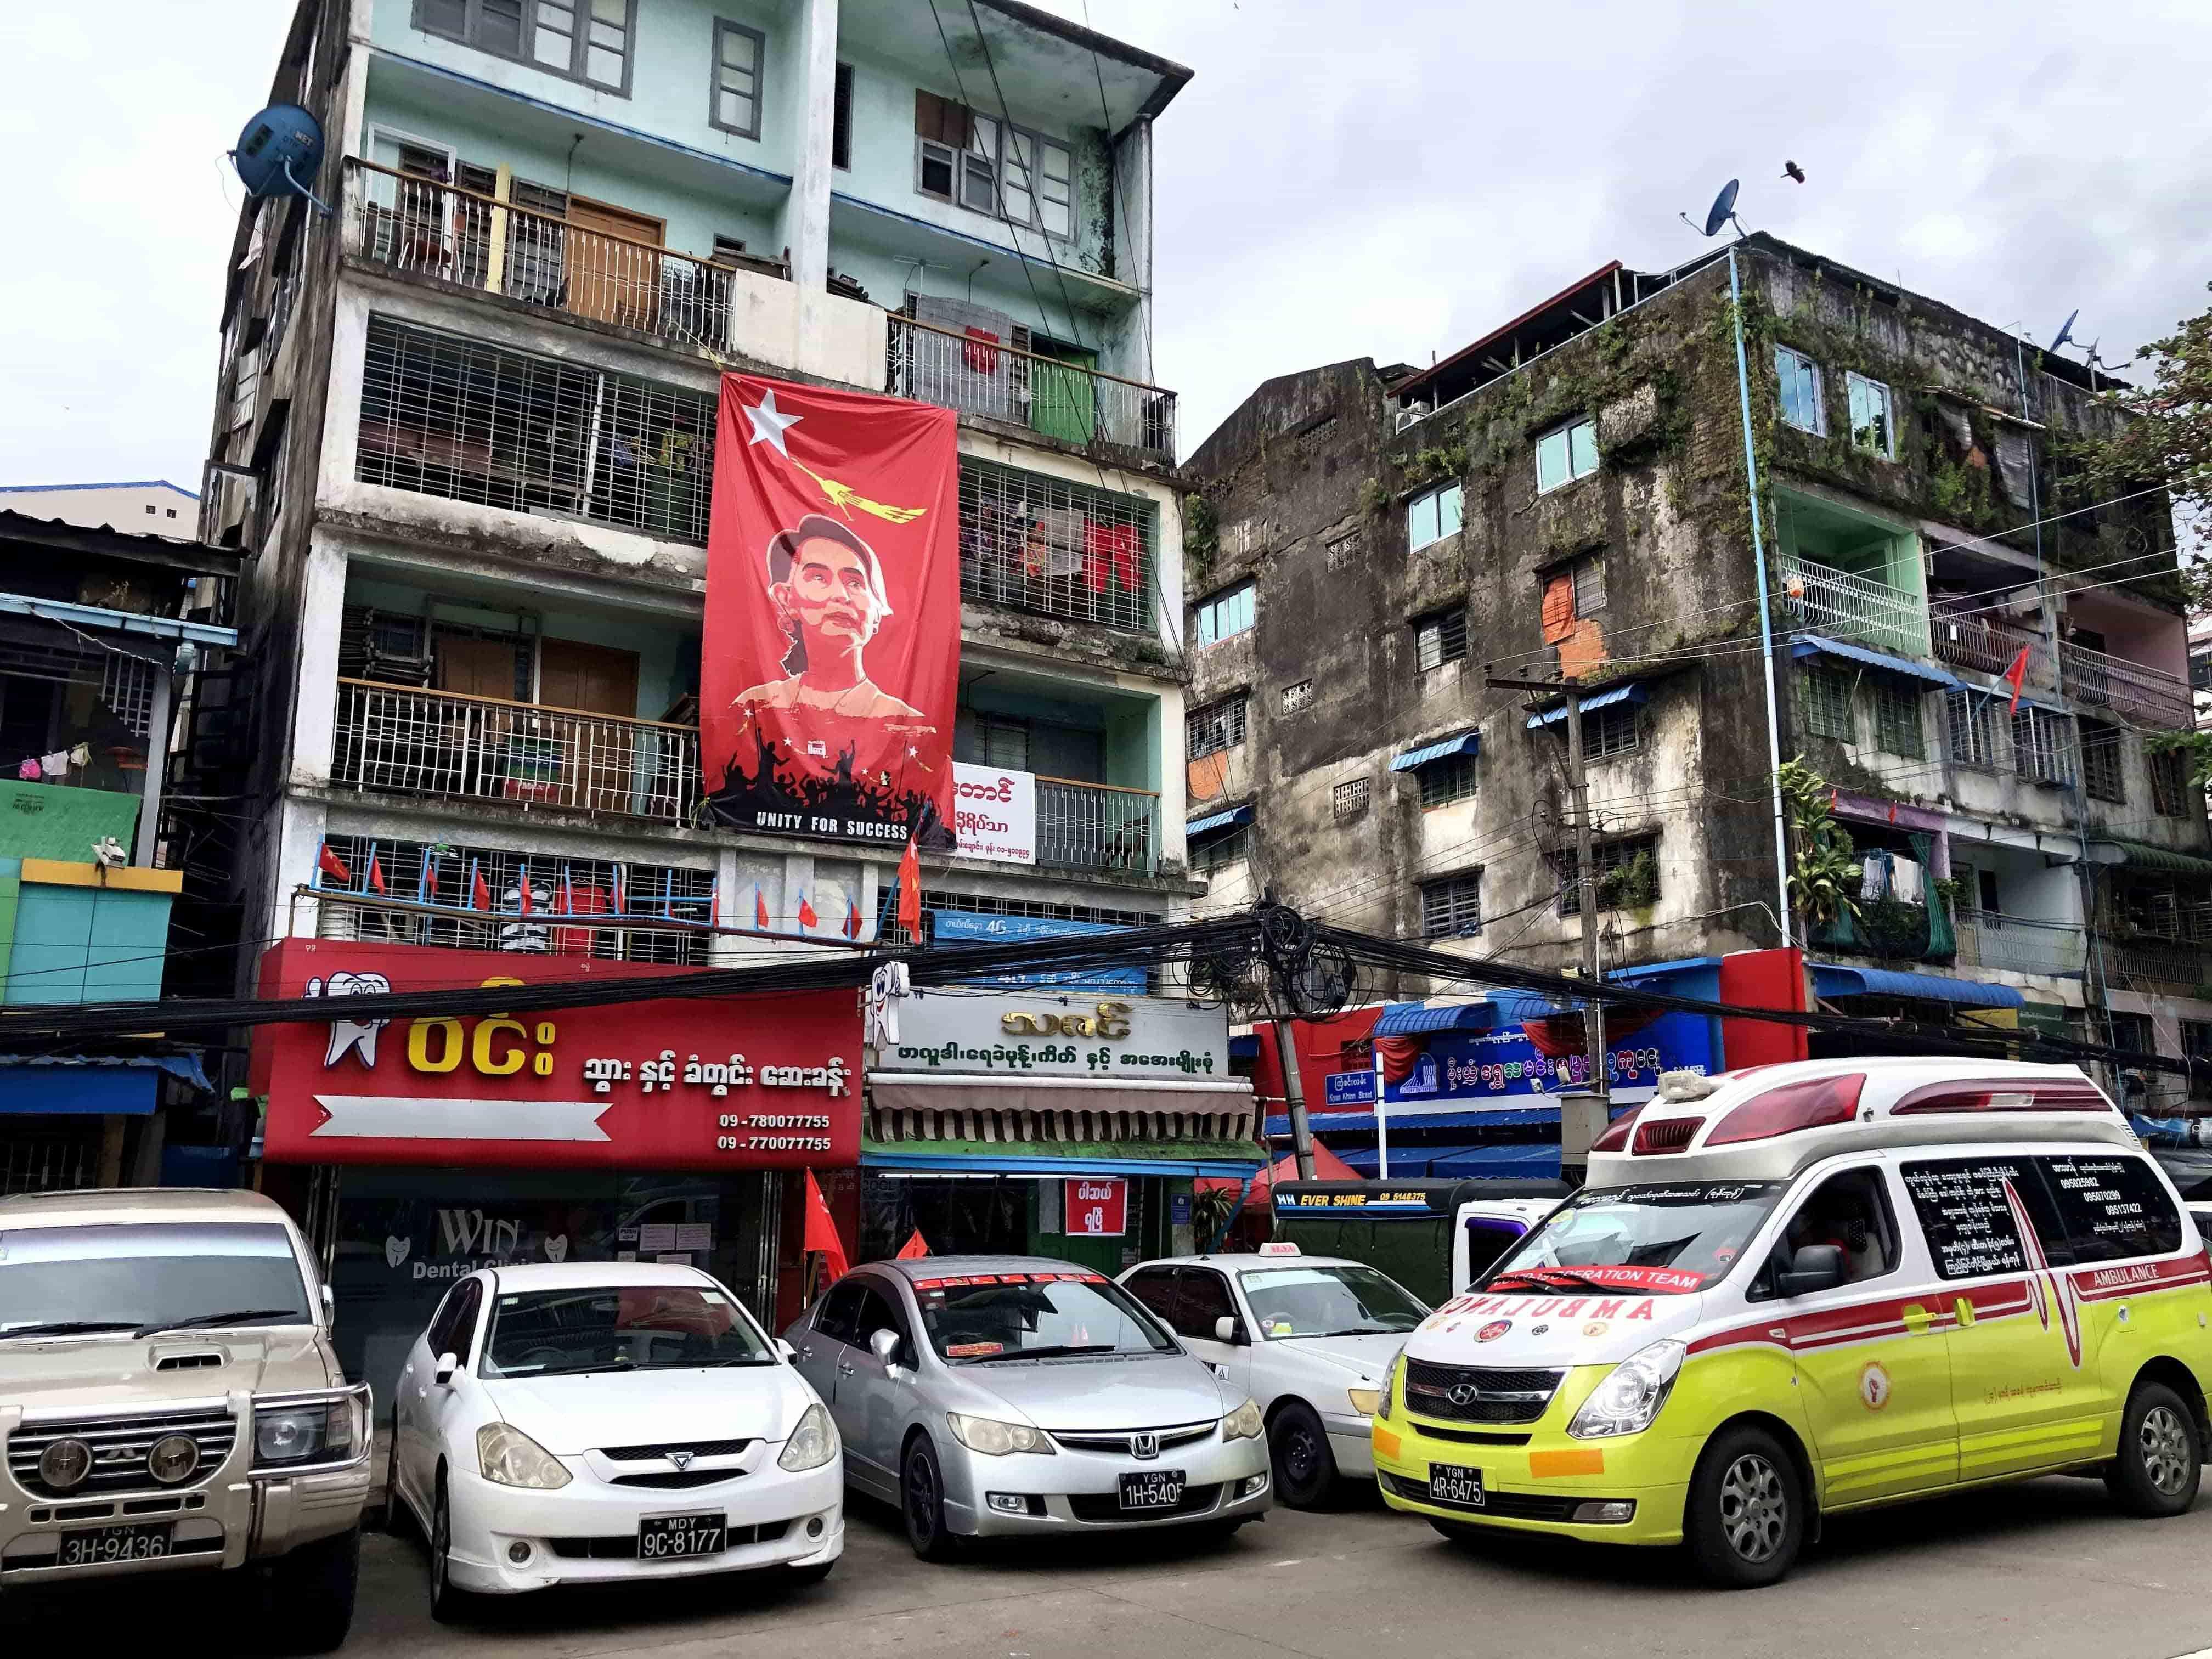 即使翁山蘇姬近年爭議不斷,依舊是緬甸國內最受擁戴的領袖